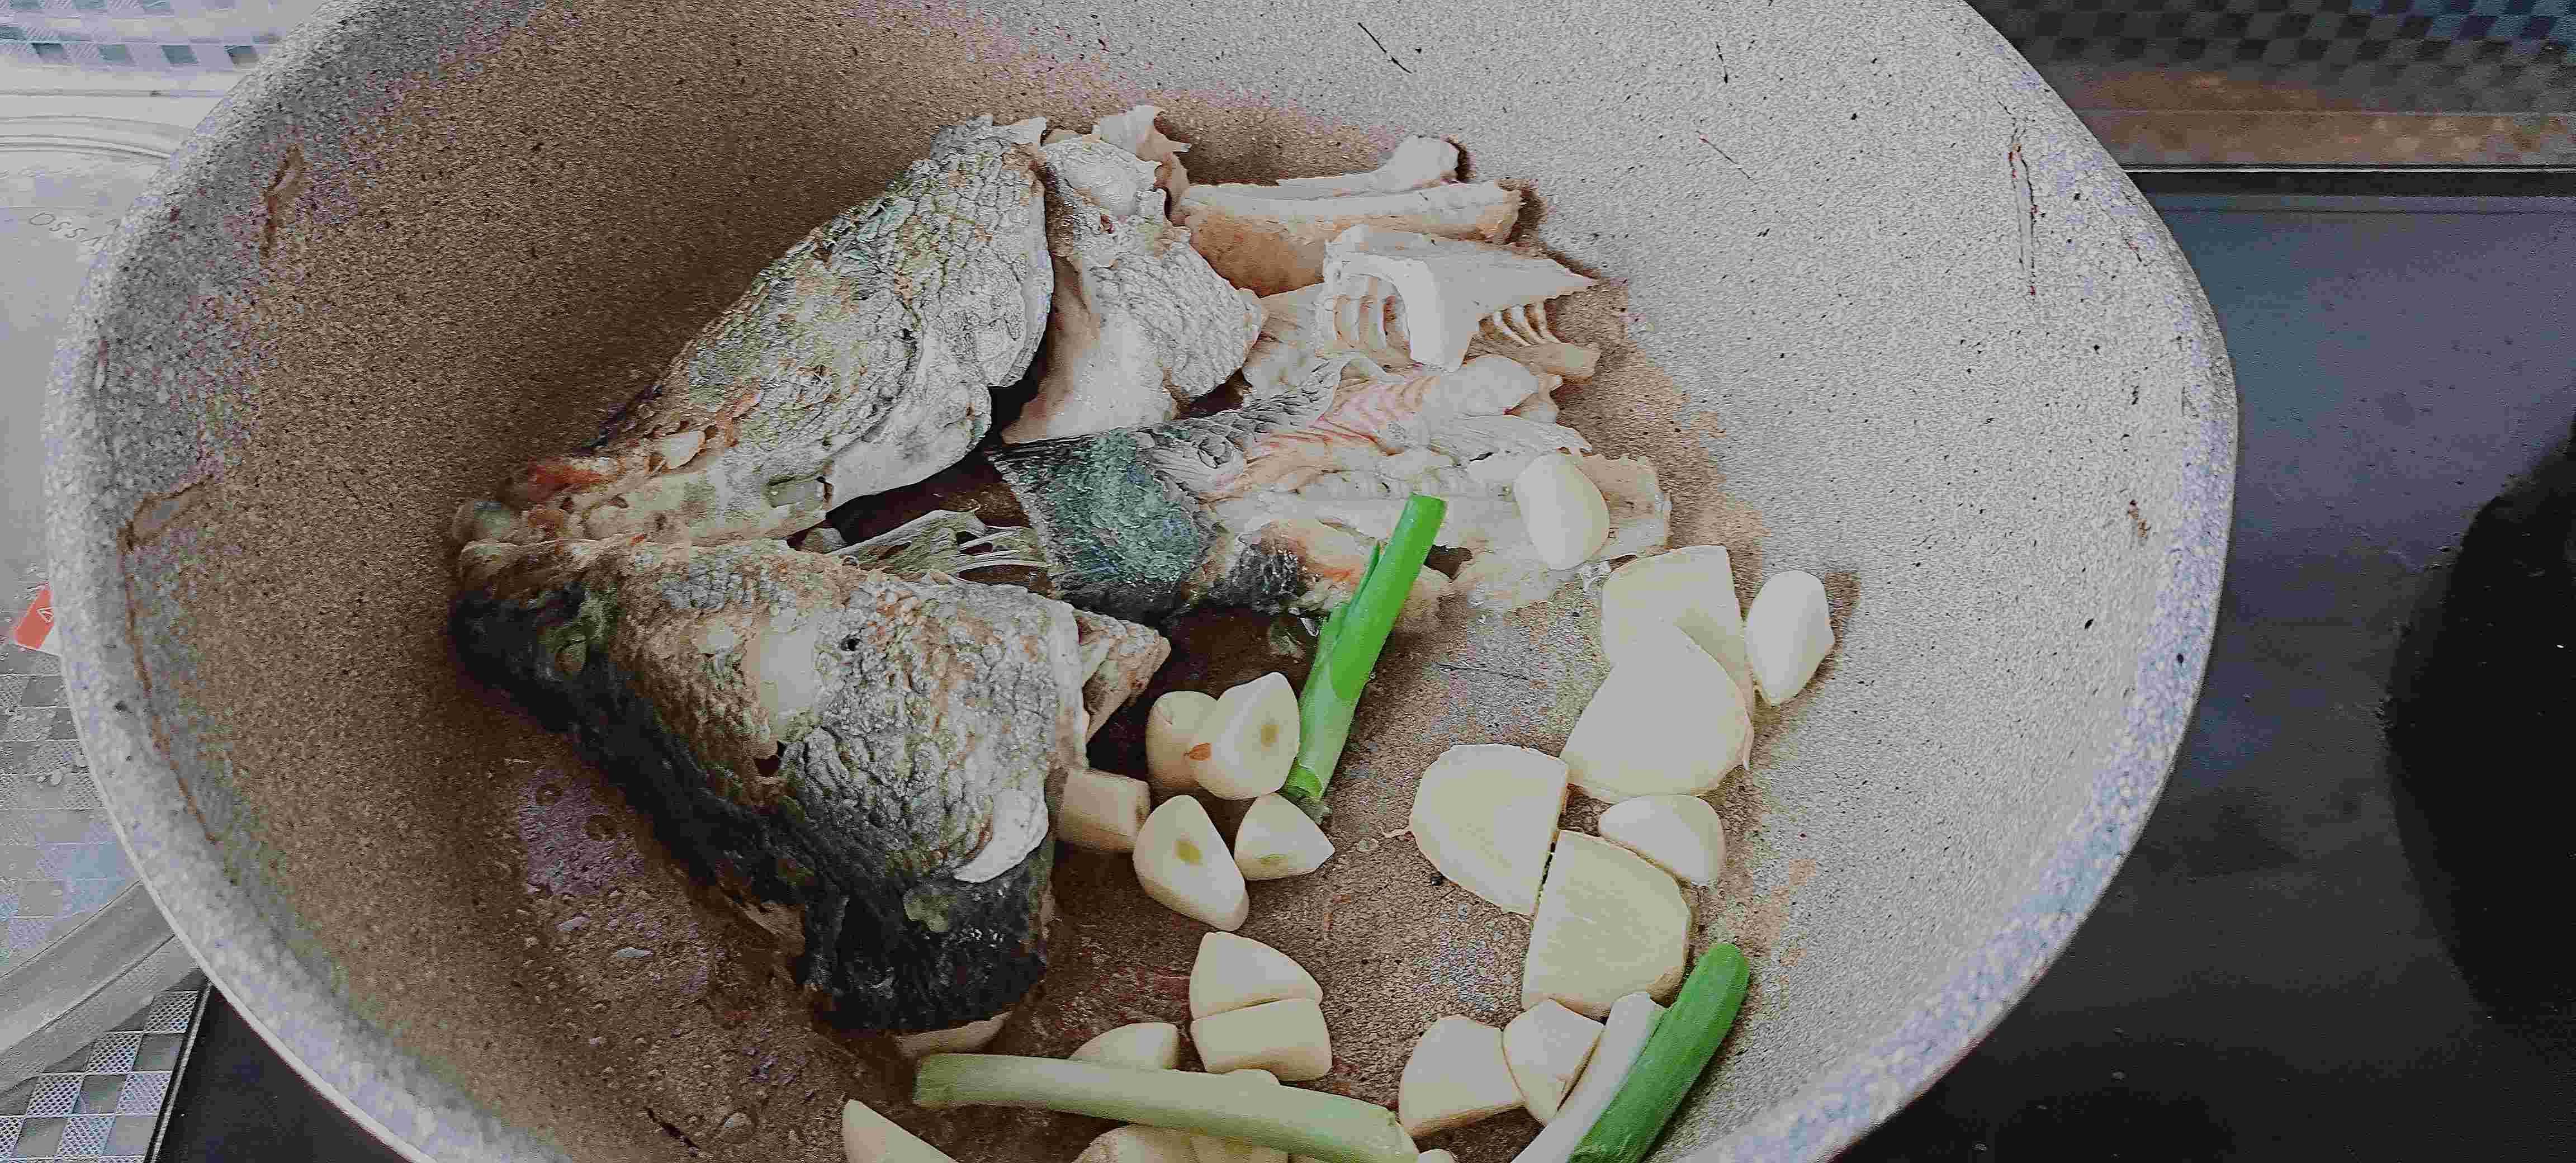 好吃的酸菜鱼做法,10分钟学会~酸菜鱼的简单做法